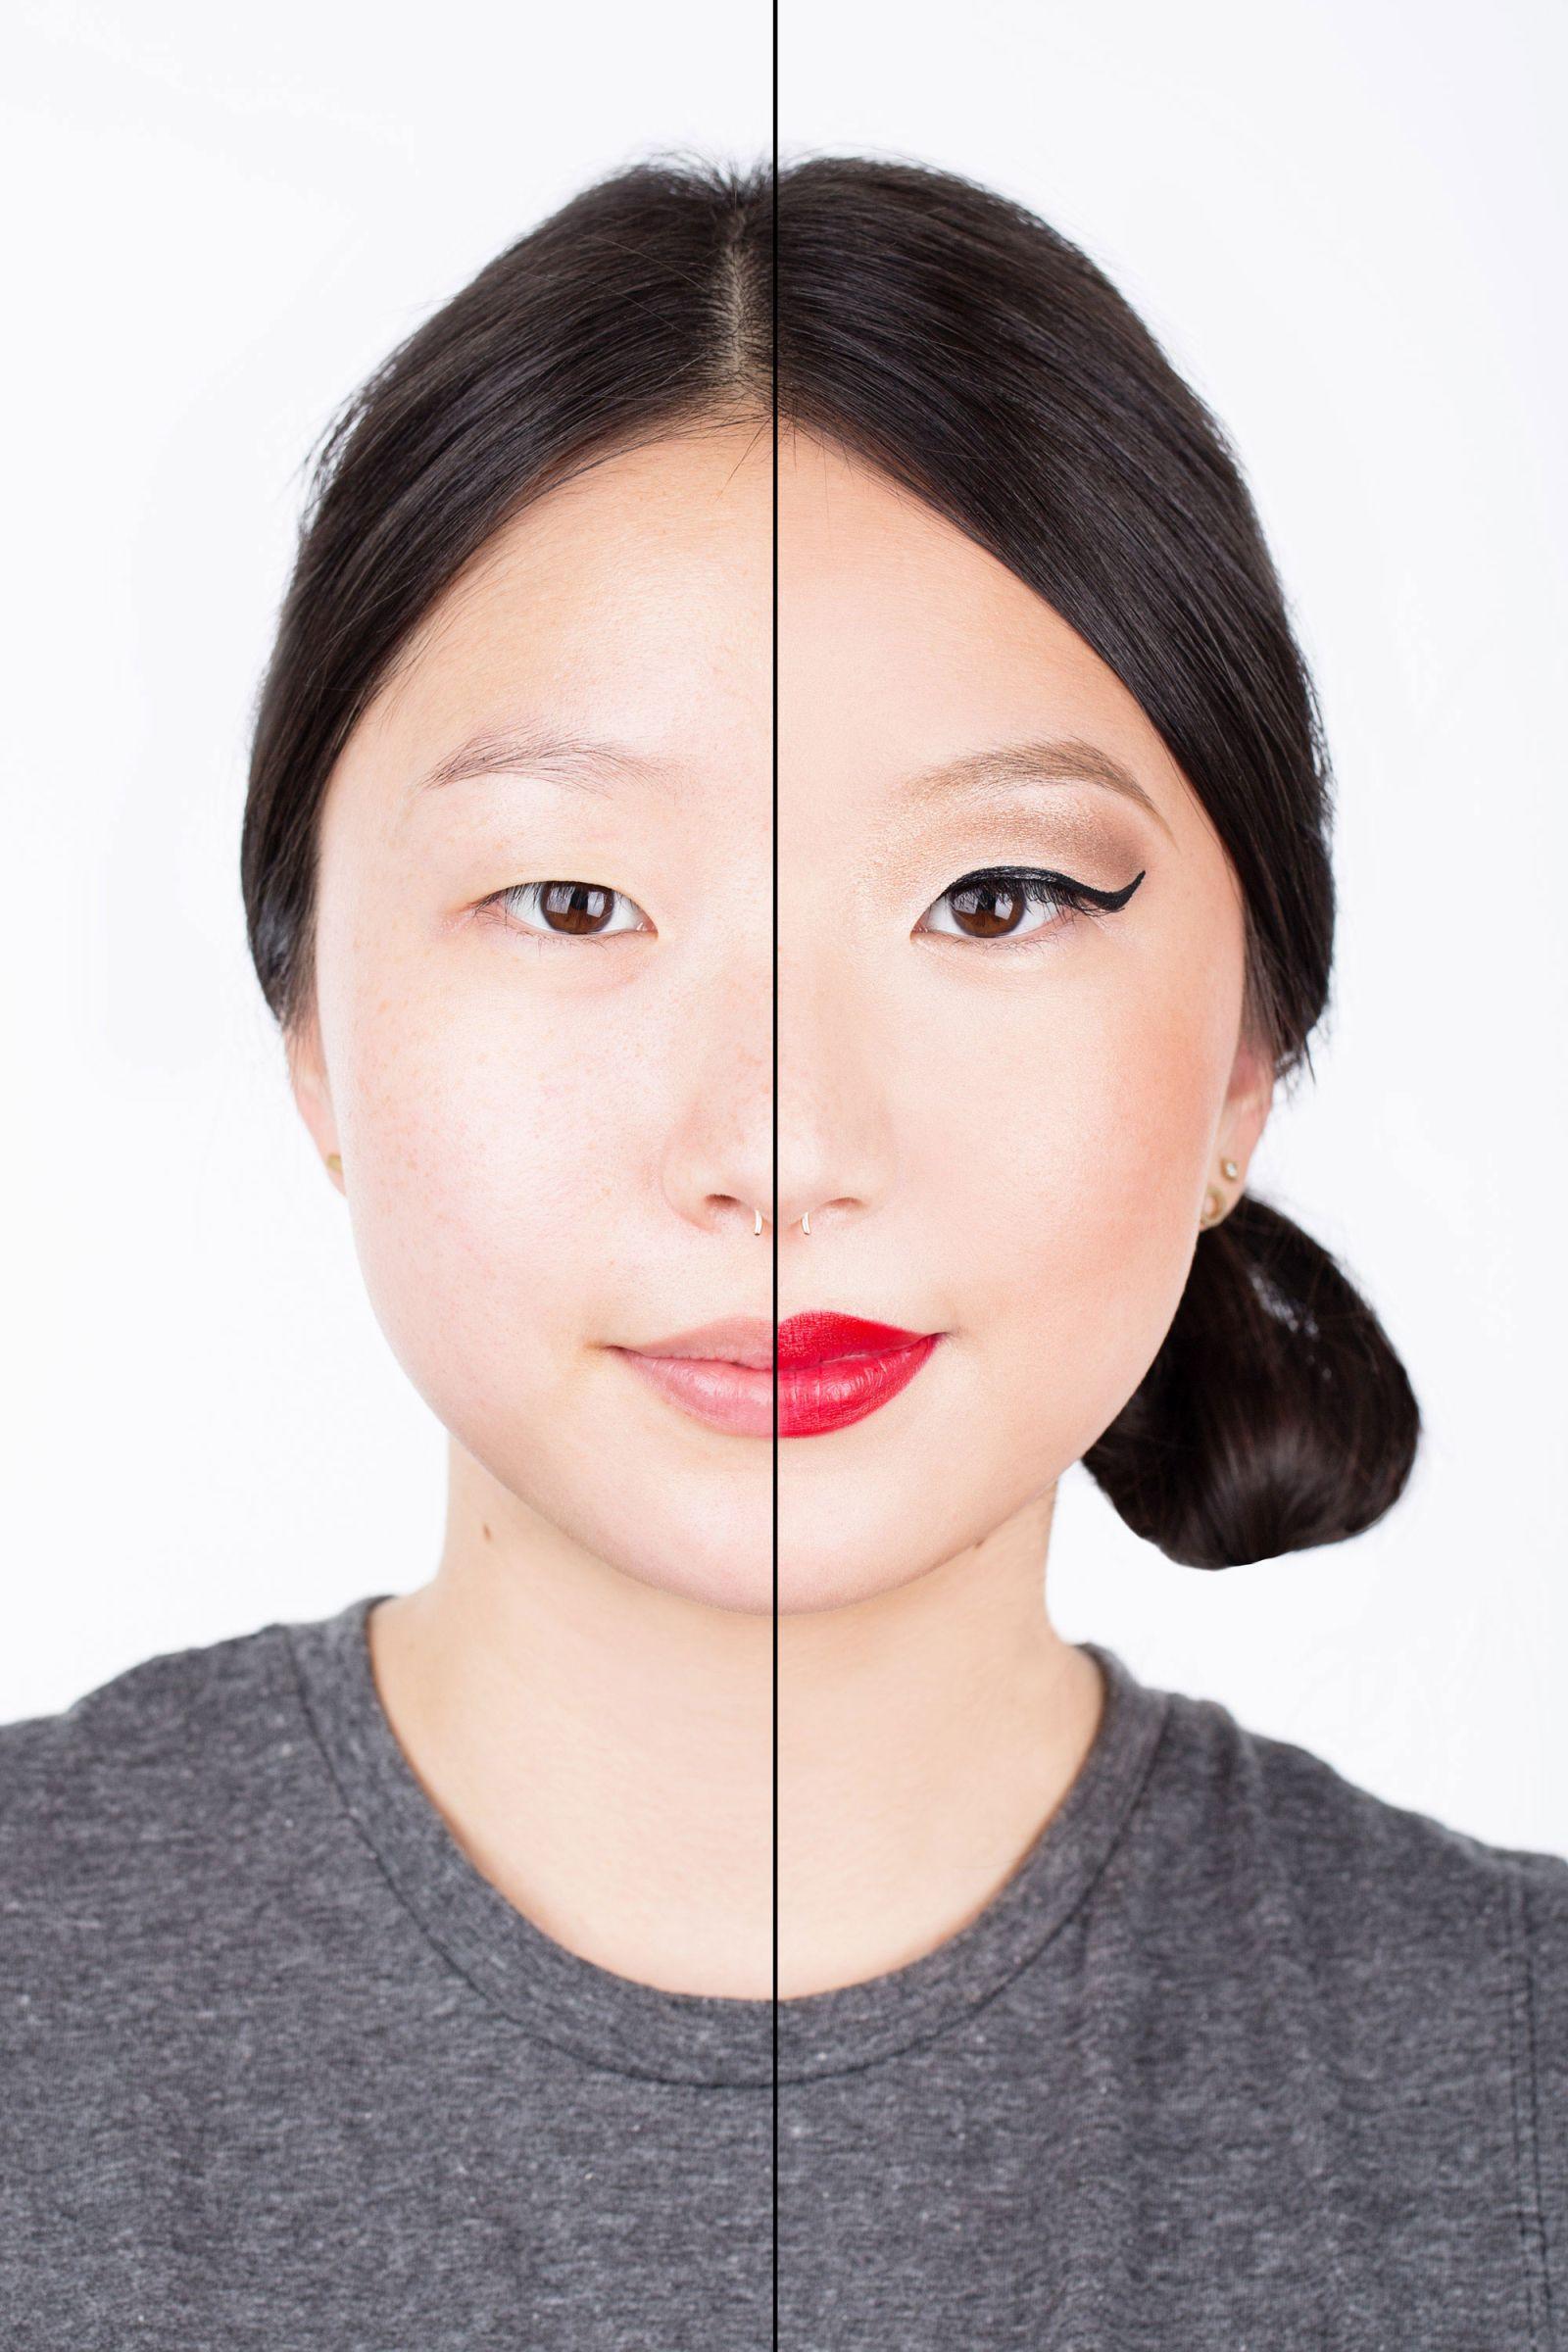 12 Stunning Photos Of Women Without Makeup